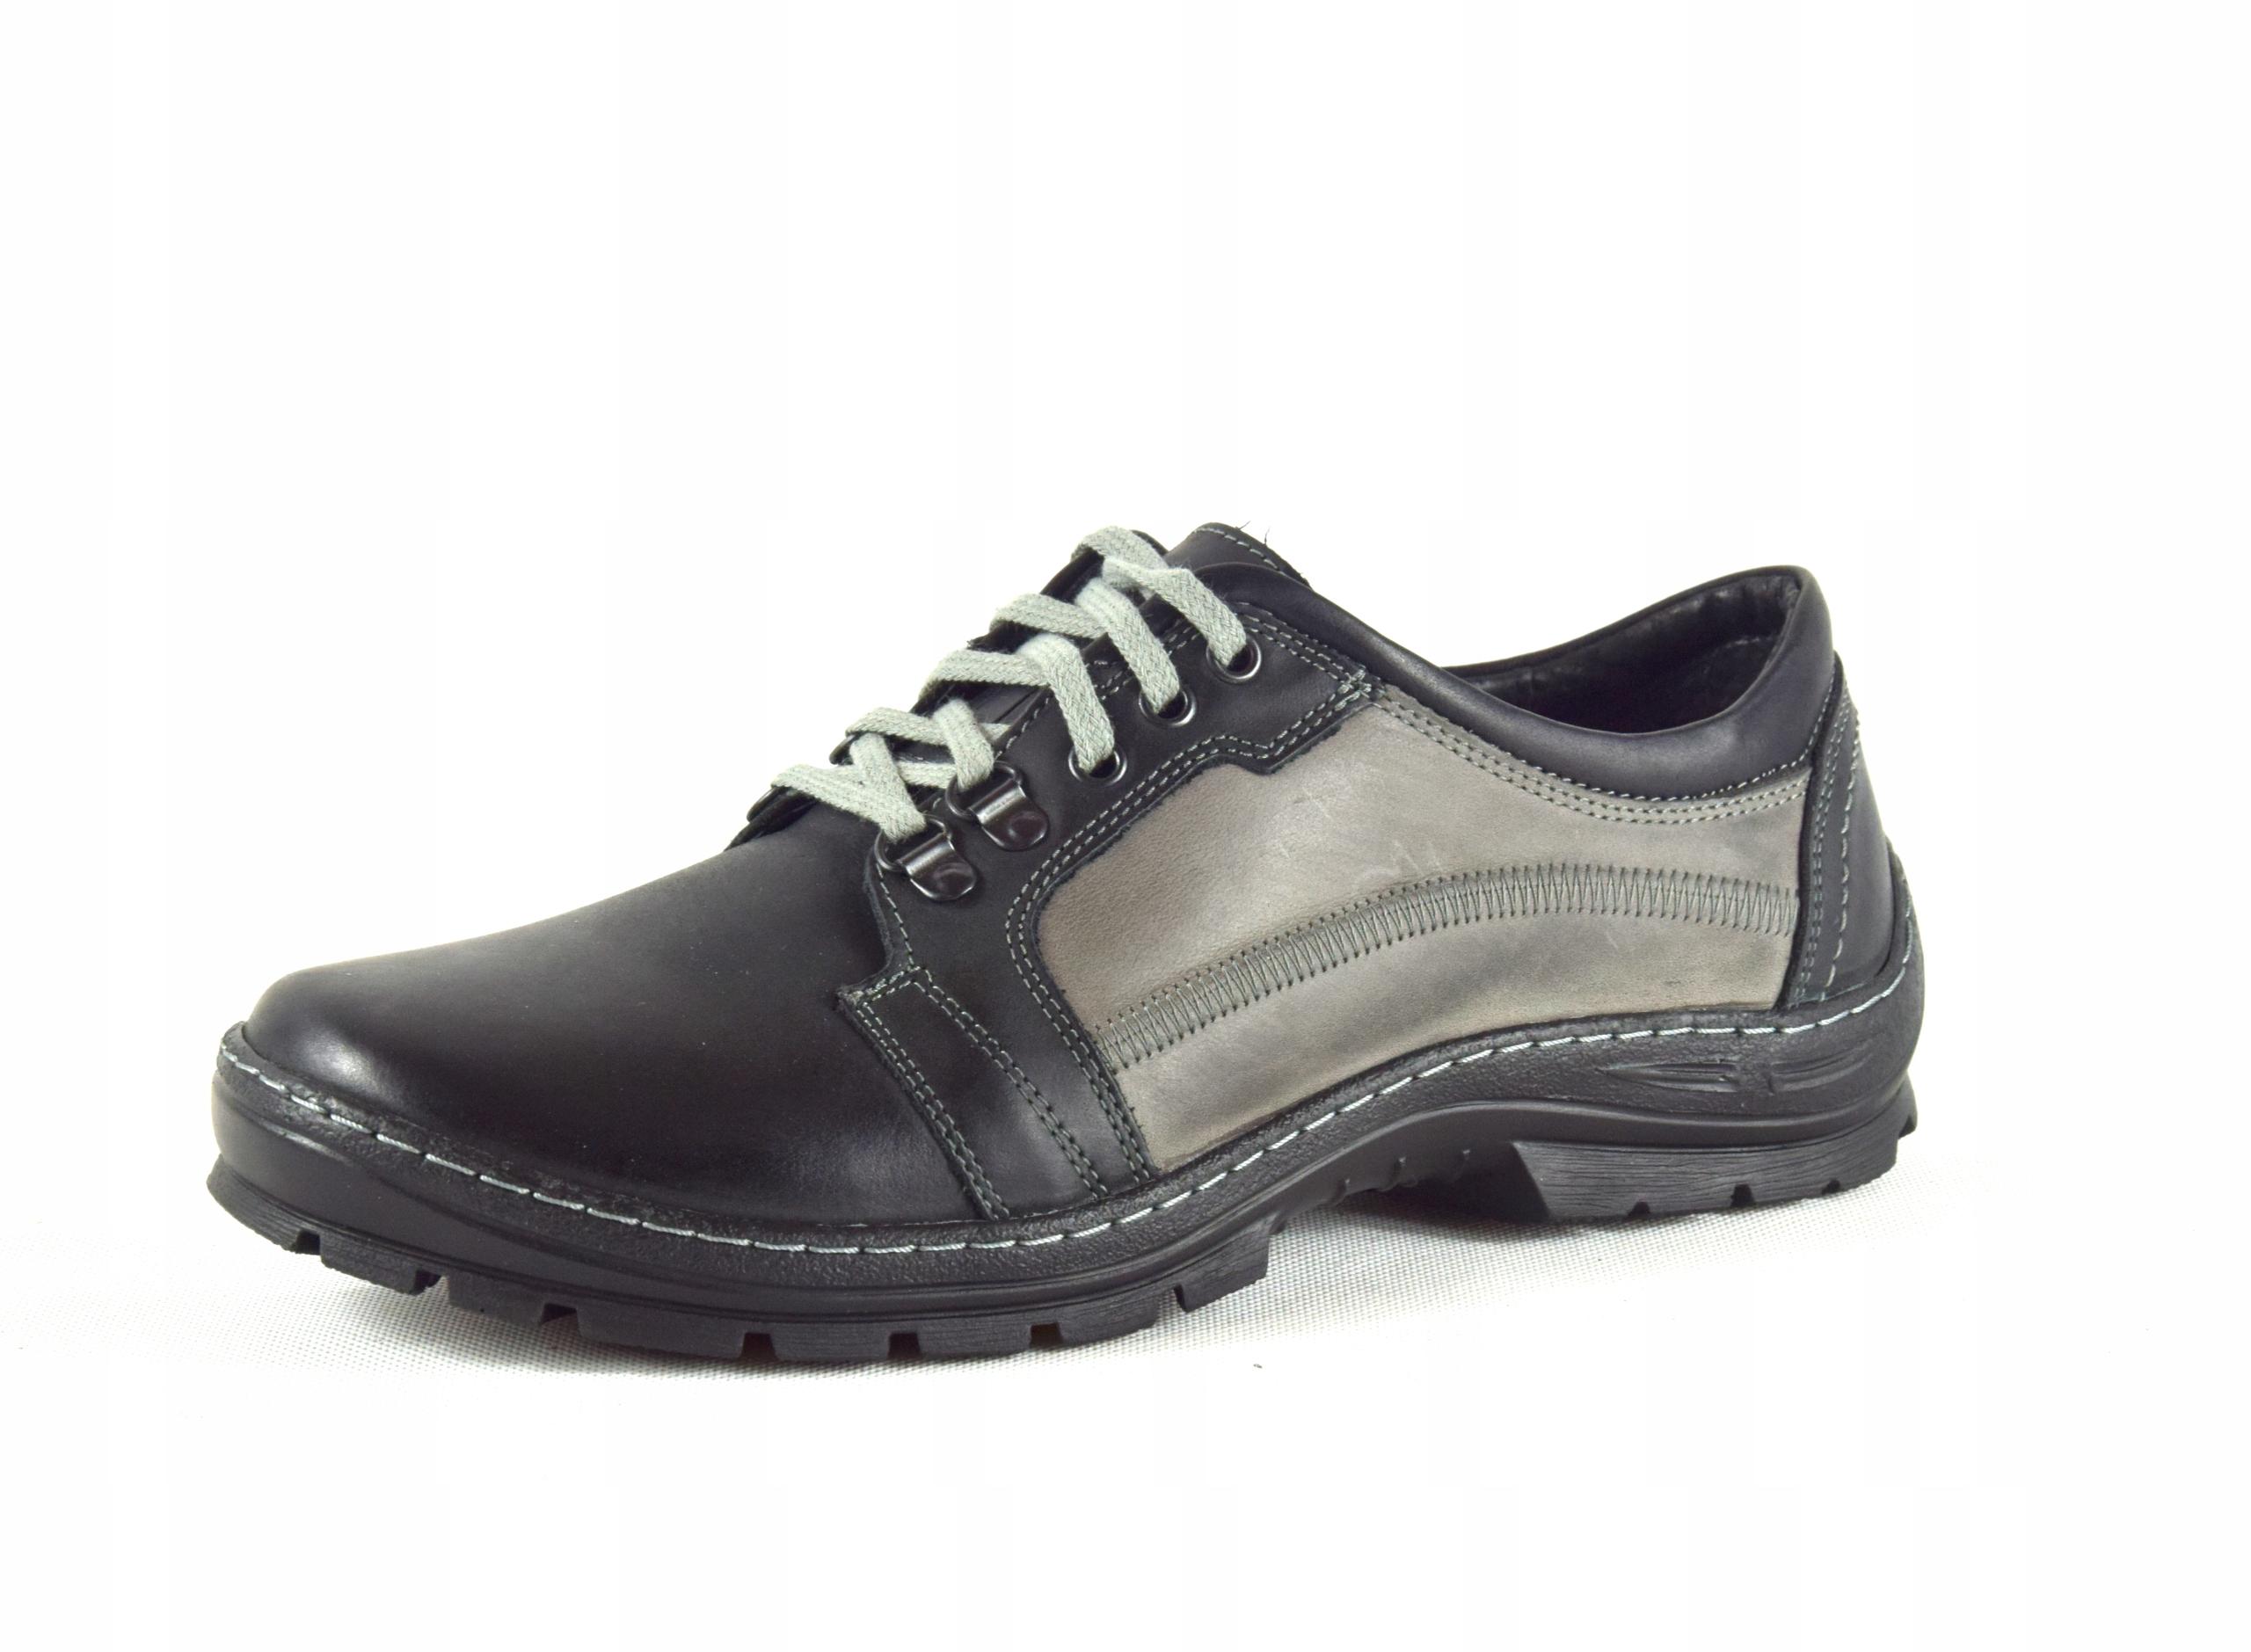 Półbuty trekkingowe męskie buty skórzane PL 192